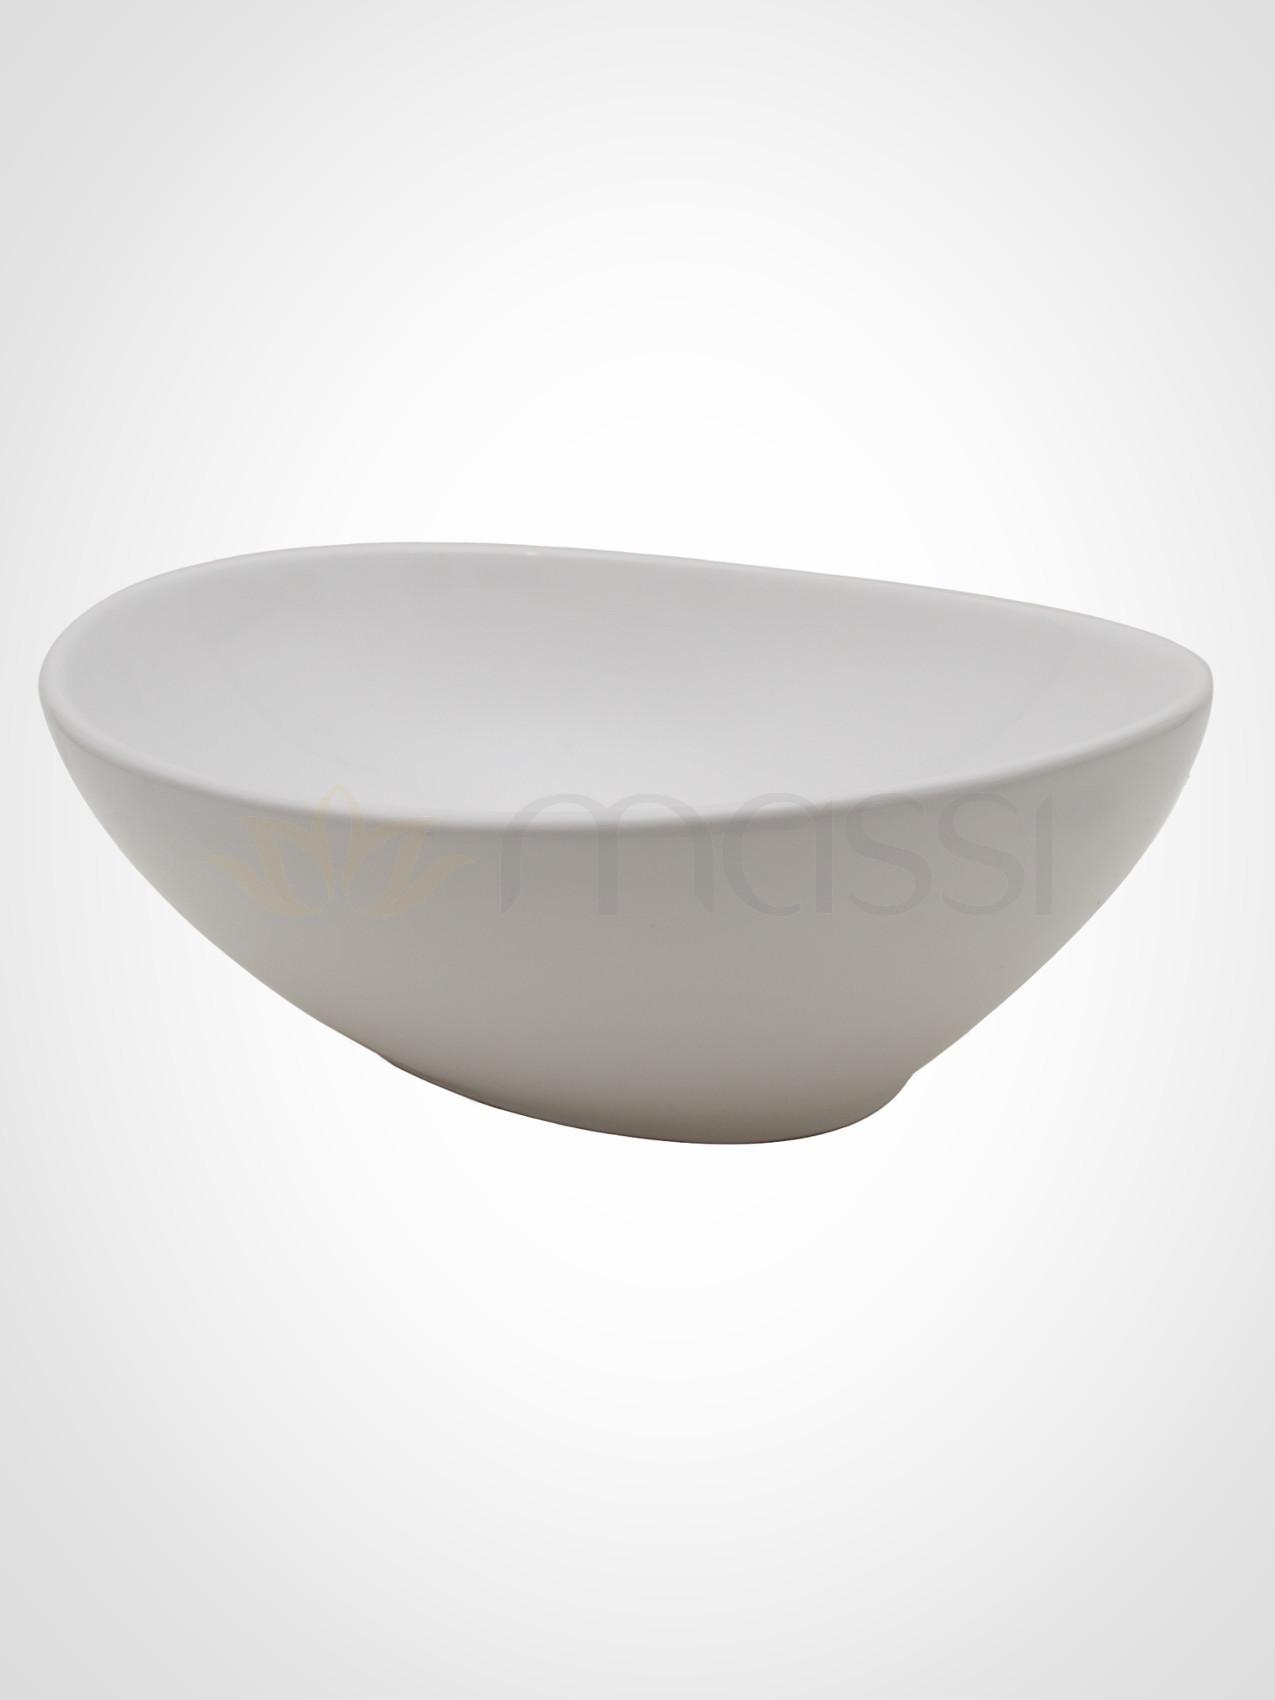 Oval Okrągła Umywalka Nablatowa Stylowa łazienka